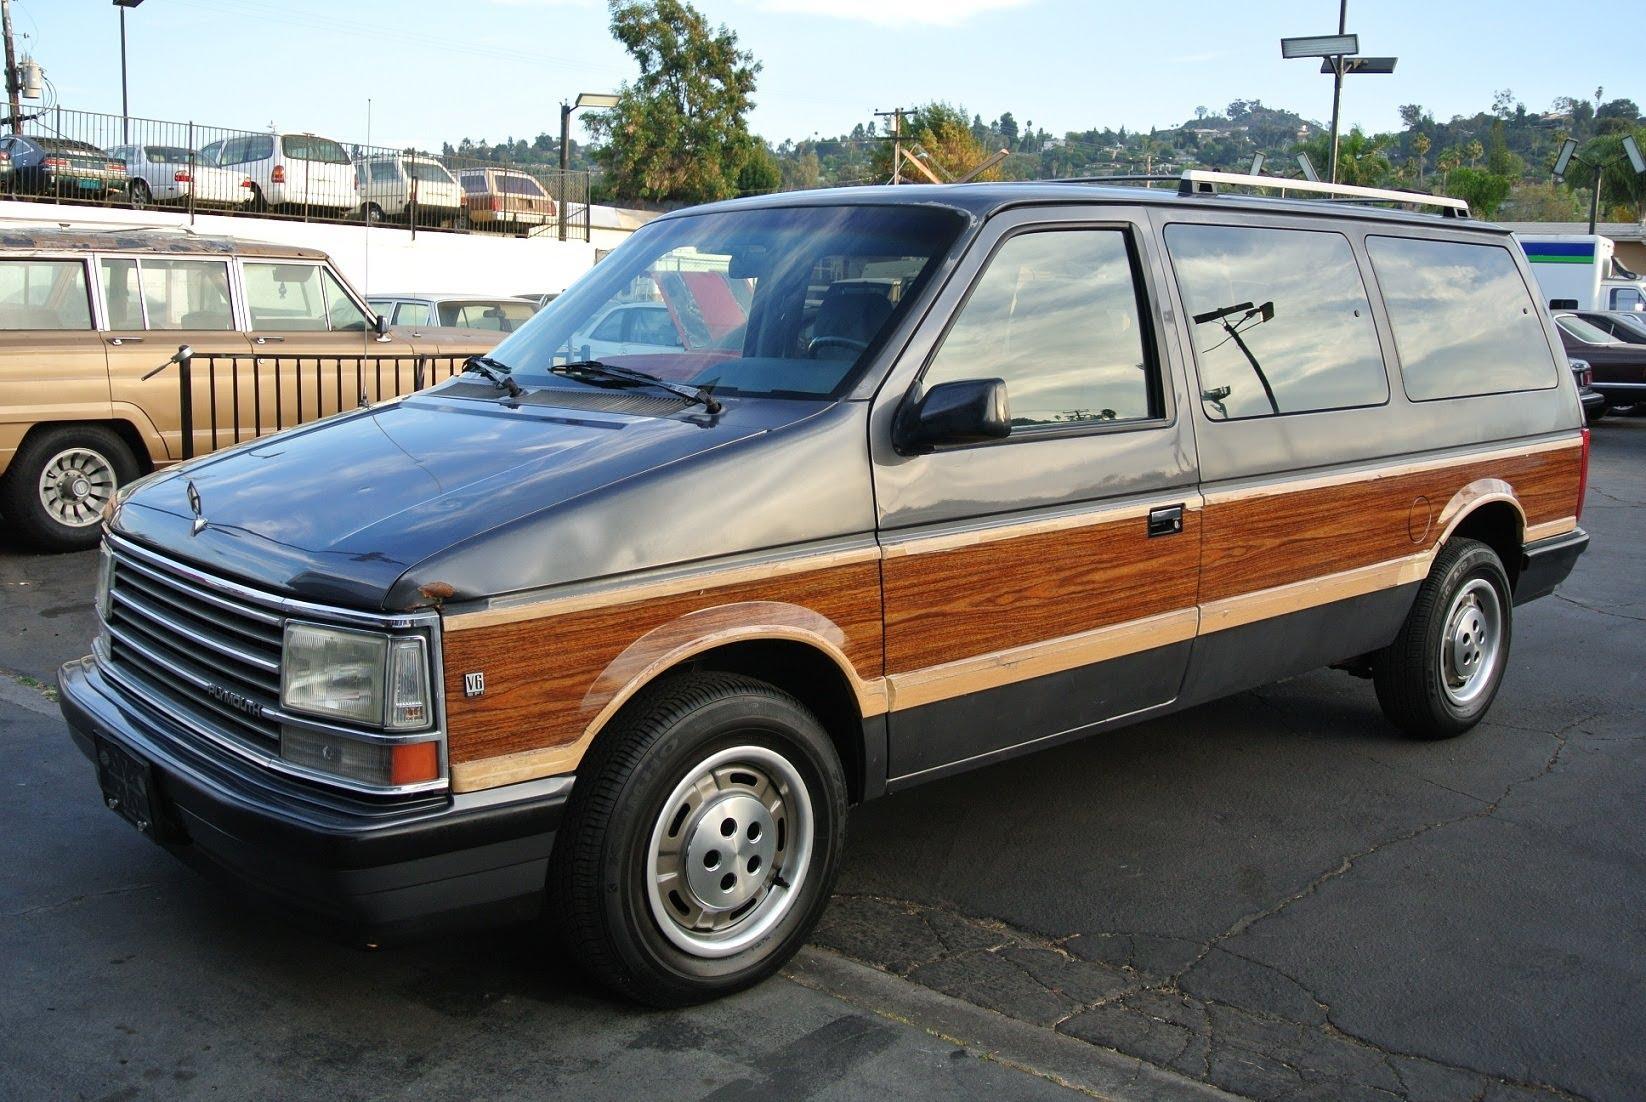 Chrysler Voyager I 1984 - 1990 Minivan #1